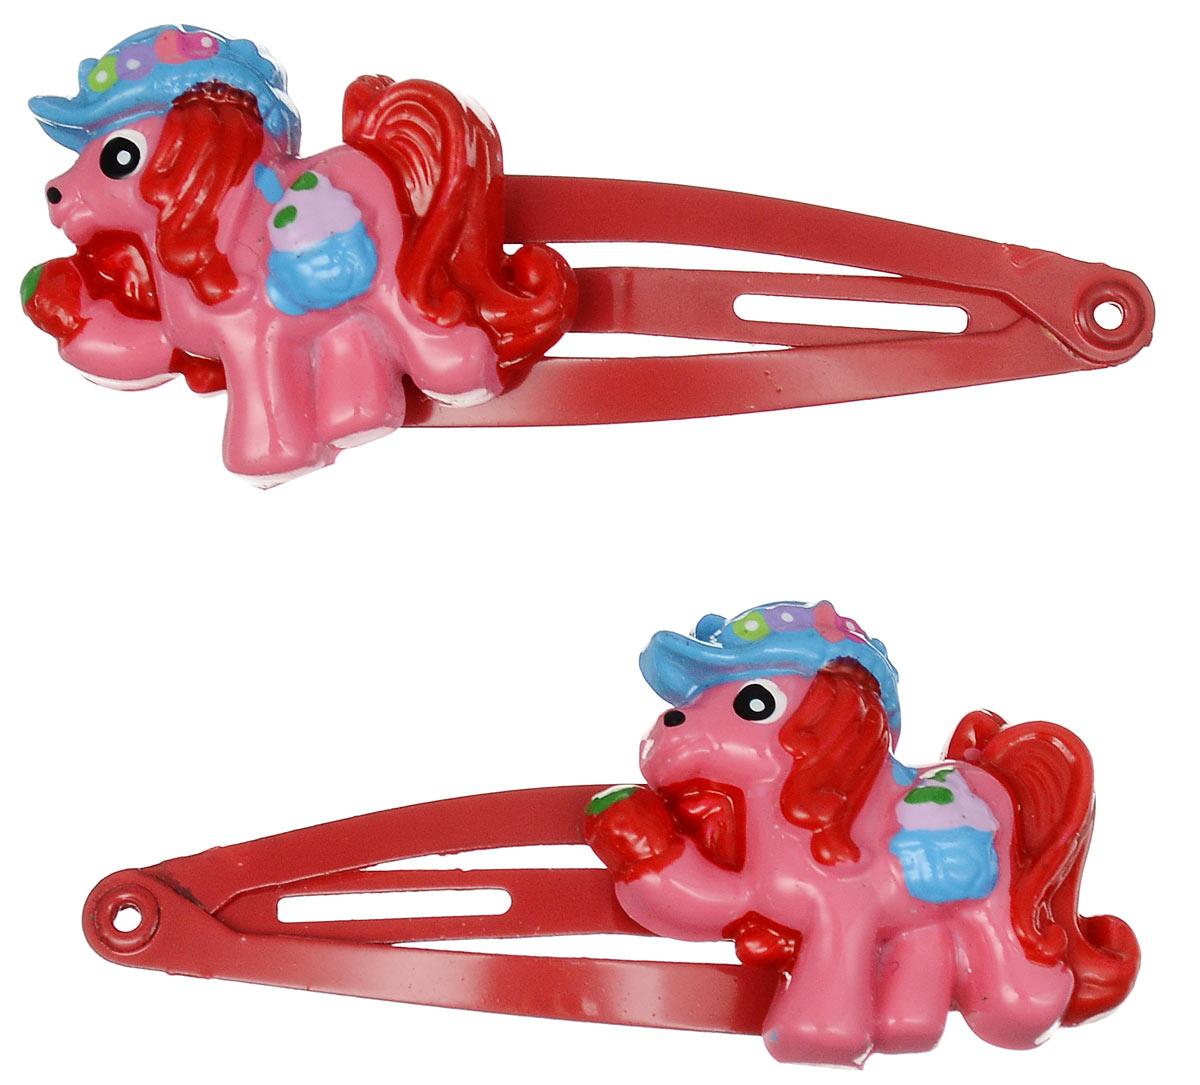 Зажим для волос Babys Joy, цвет: красный. AL 966AL 966_красныйНабор зажимов для волос Babys Joy с автоматическим зажимным механизмом изготовлен из металла и оформлен фигуркой пони, выполненной из пластика. Комплект содержит две заколочки. Зажим для волос Babys Joy надежно зафиксирует непослушные локоны и подчеркнет красоту прически вашей маленькой принцессы.